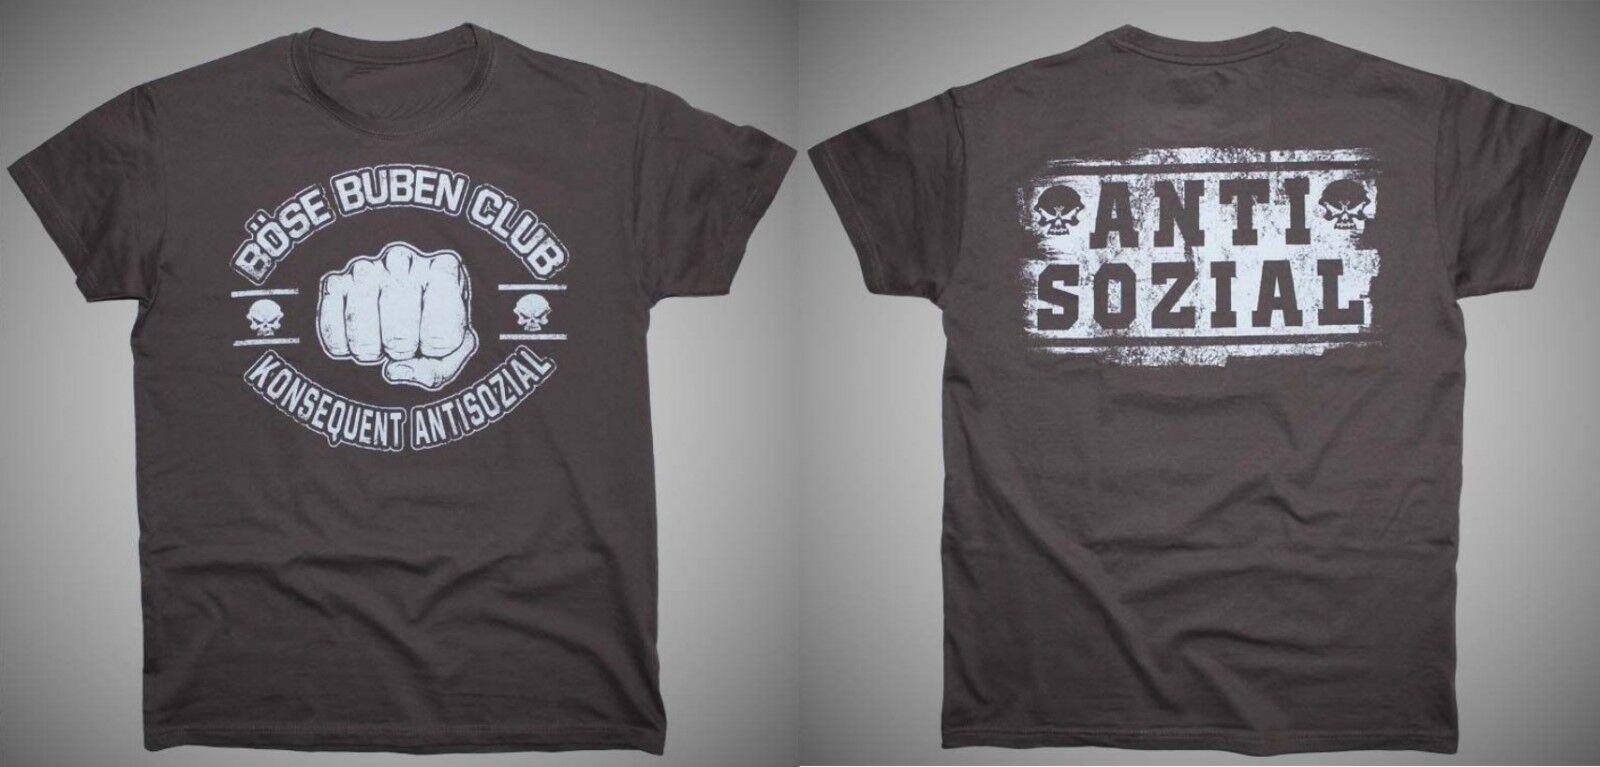 T-Shirt Böse Buben Club - Antisozial ideal für ultras hooligans biker